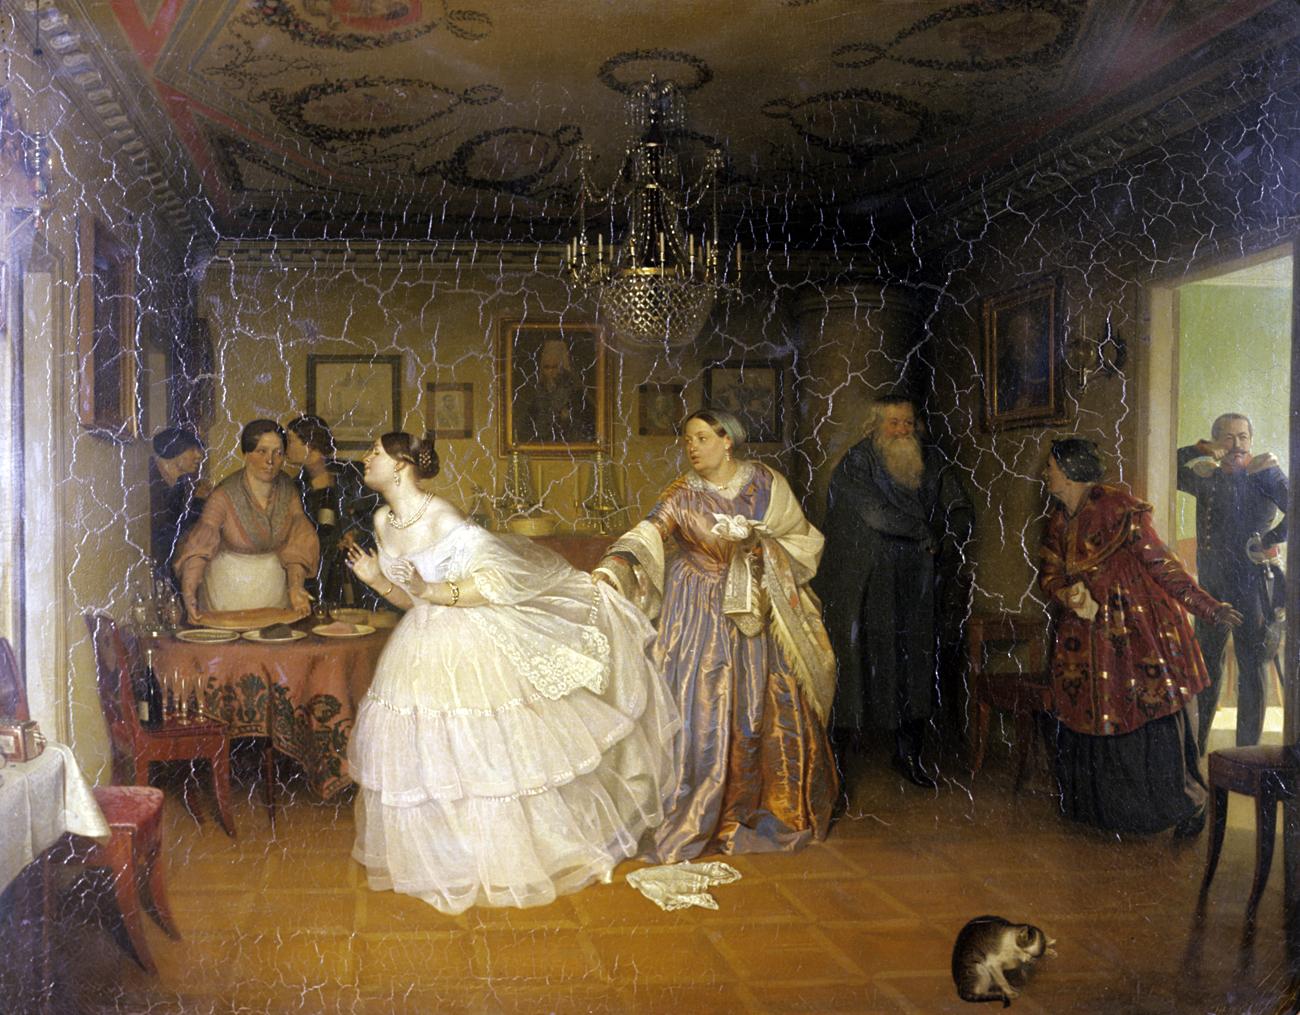 Proposta di matrimonio del Maggiore. 1848, Pavel Fedotov. Fonte: Balabanov/RIA Novosti